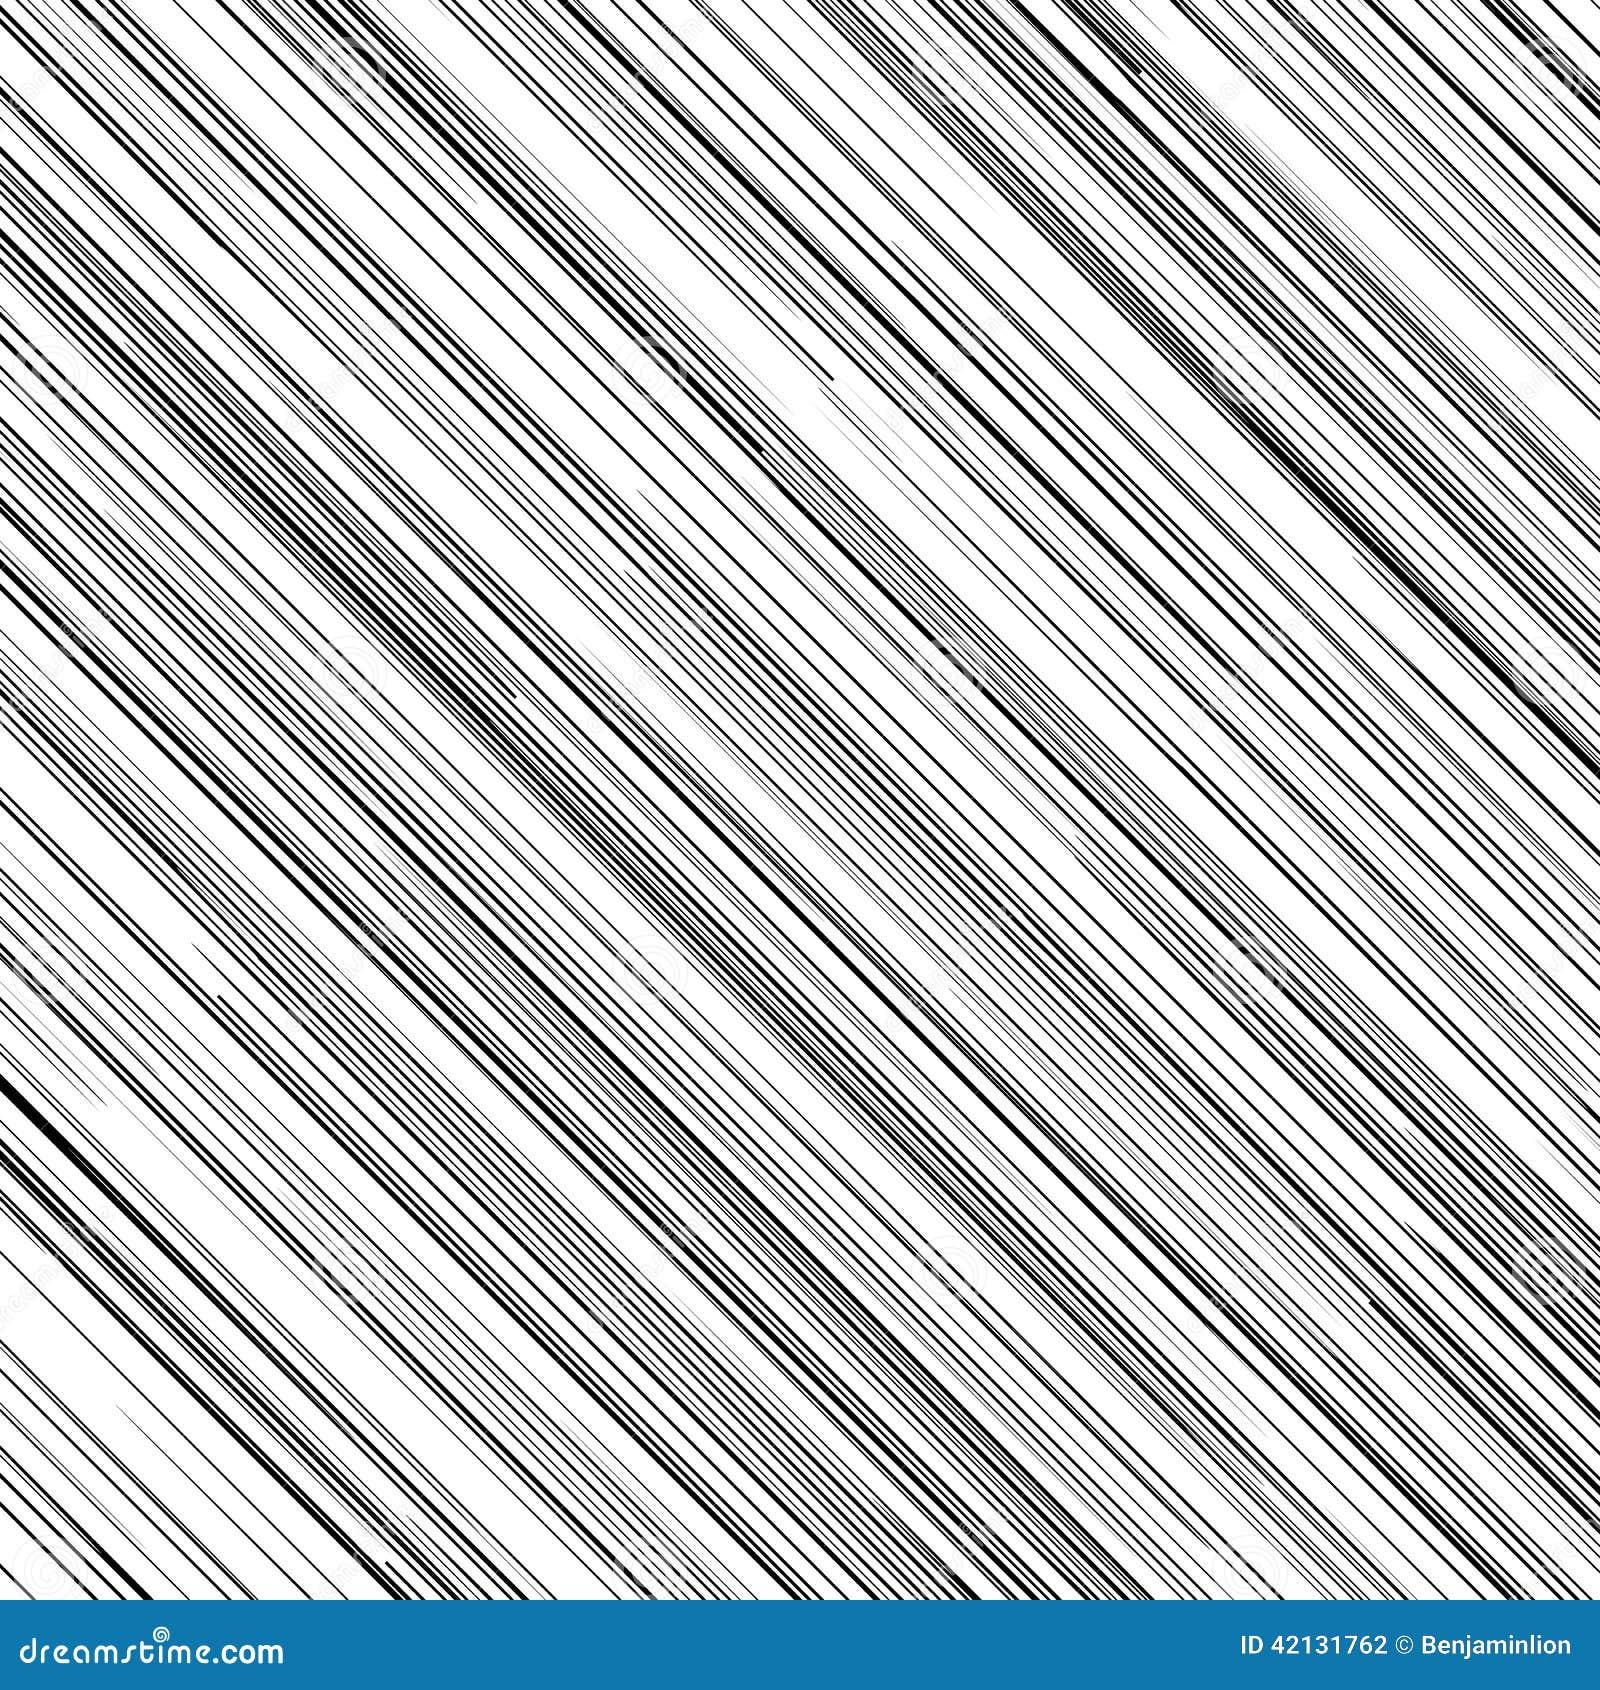 Black Grunge Metal Background Diagonal Striped Textu...